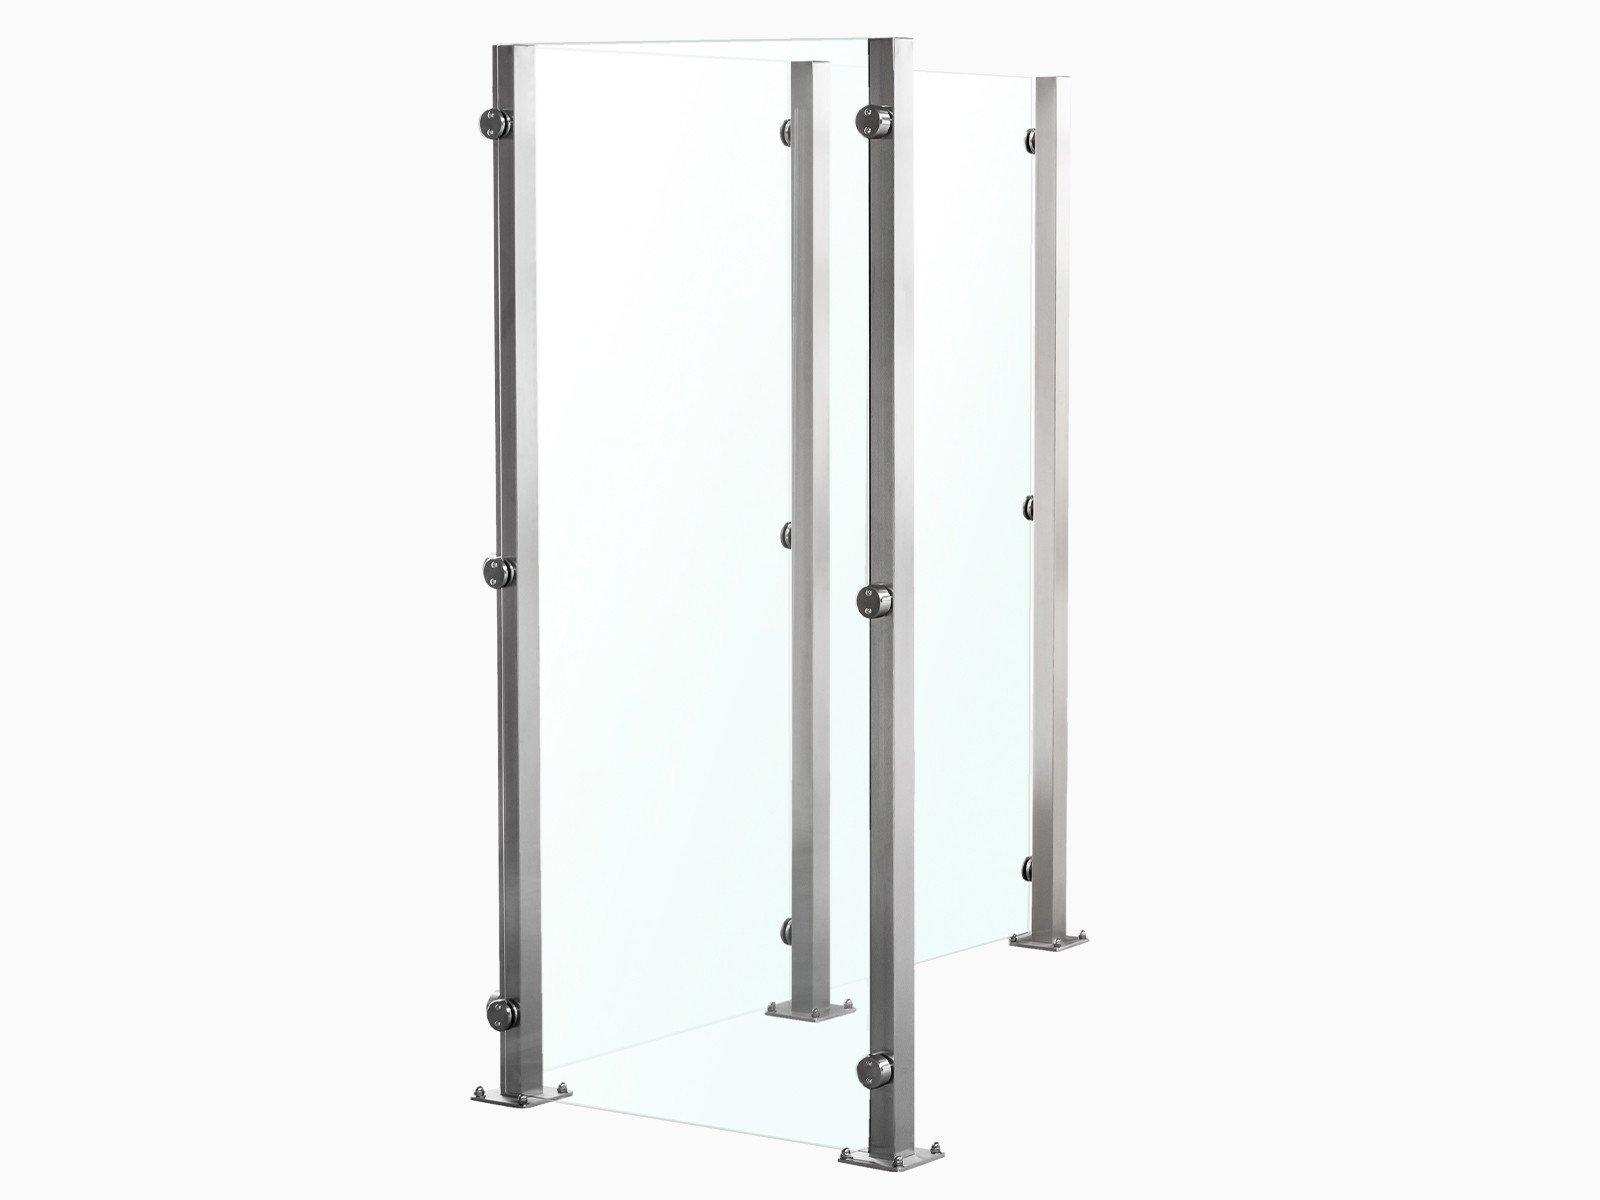 wind-und-blickdichtes-glaszaunsystem-devitro-mit-cleaner-optik-durch-reuckseitig-befestigste-glasklemmen